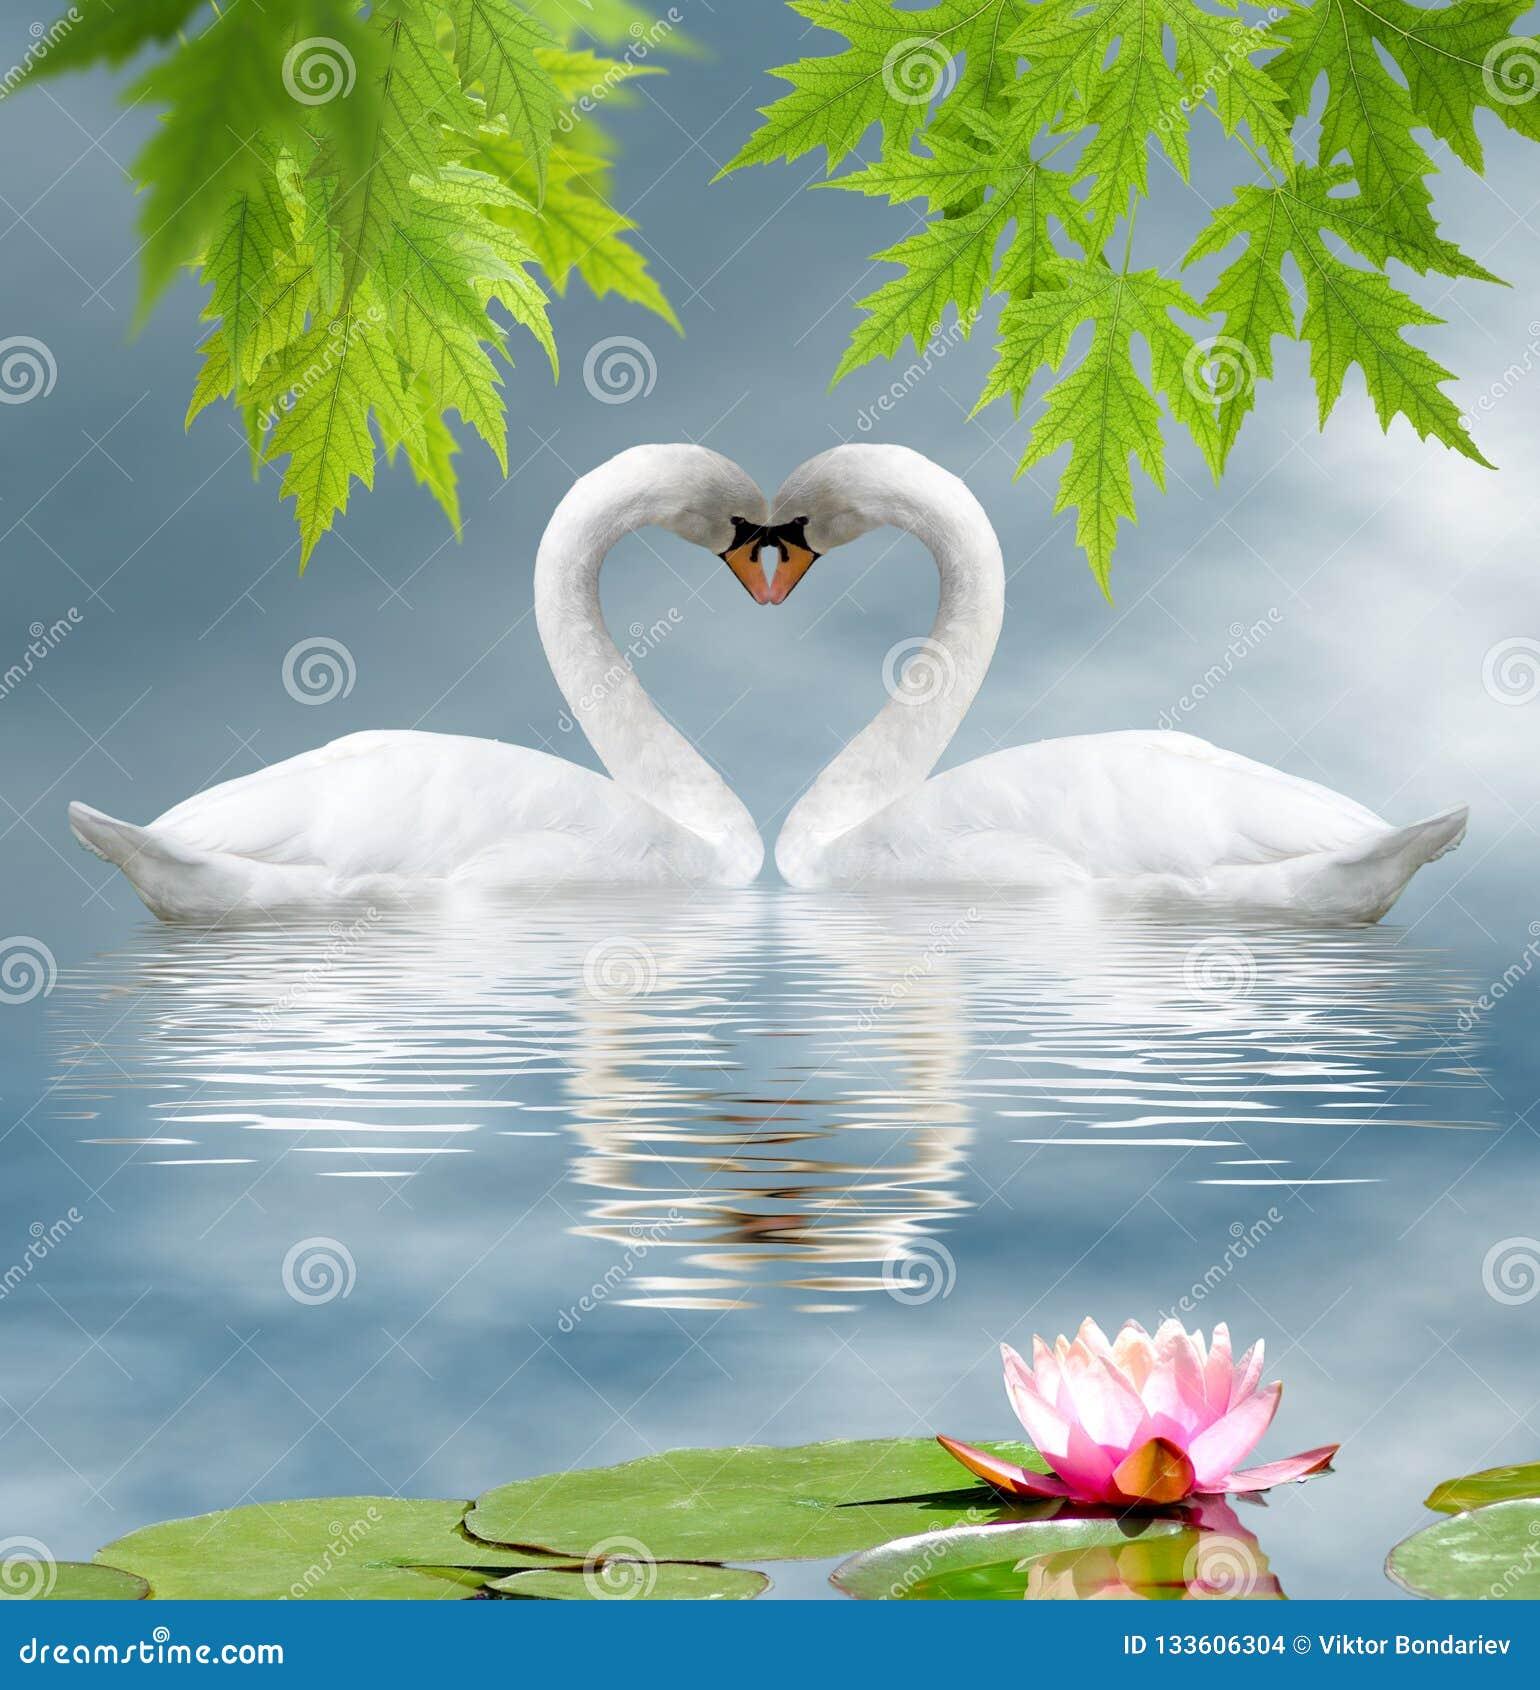 Lotusbloembloem en twee zwanen als symbool van liefdeclose-up